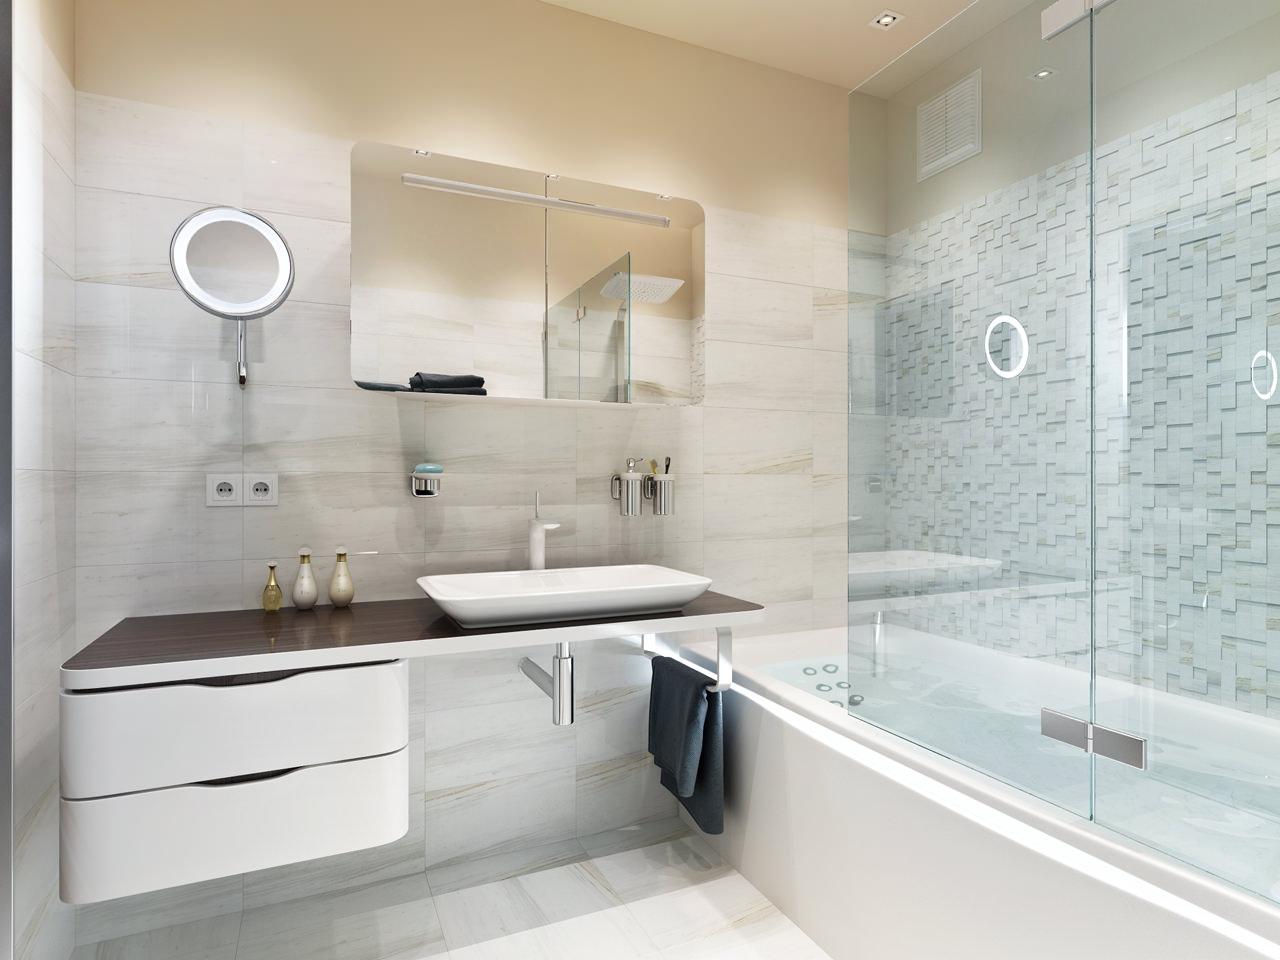 Стиль минимализм прекрасно подойдет для небольшой ванной